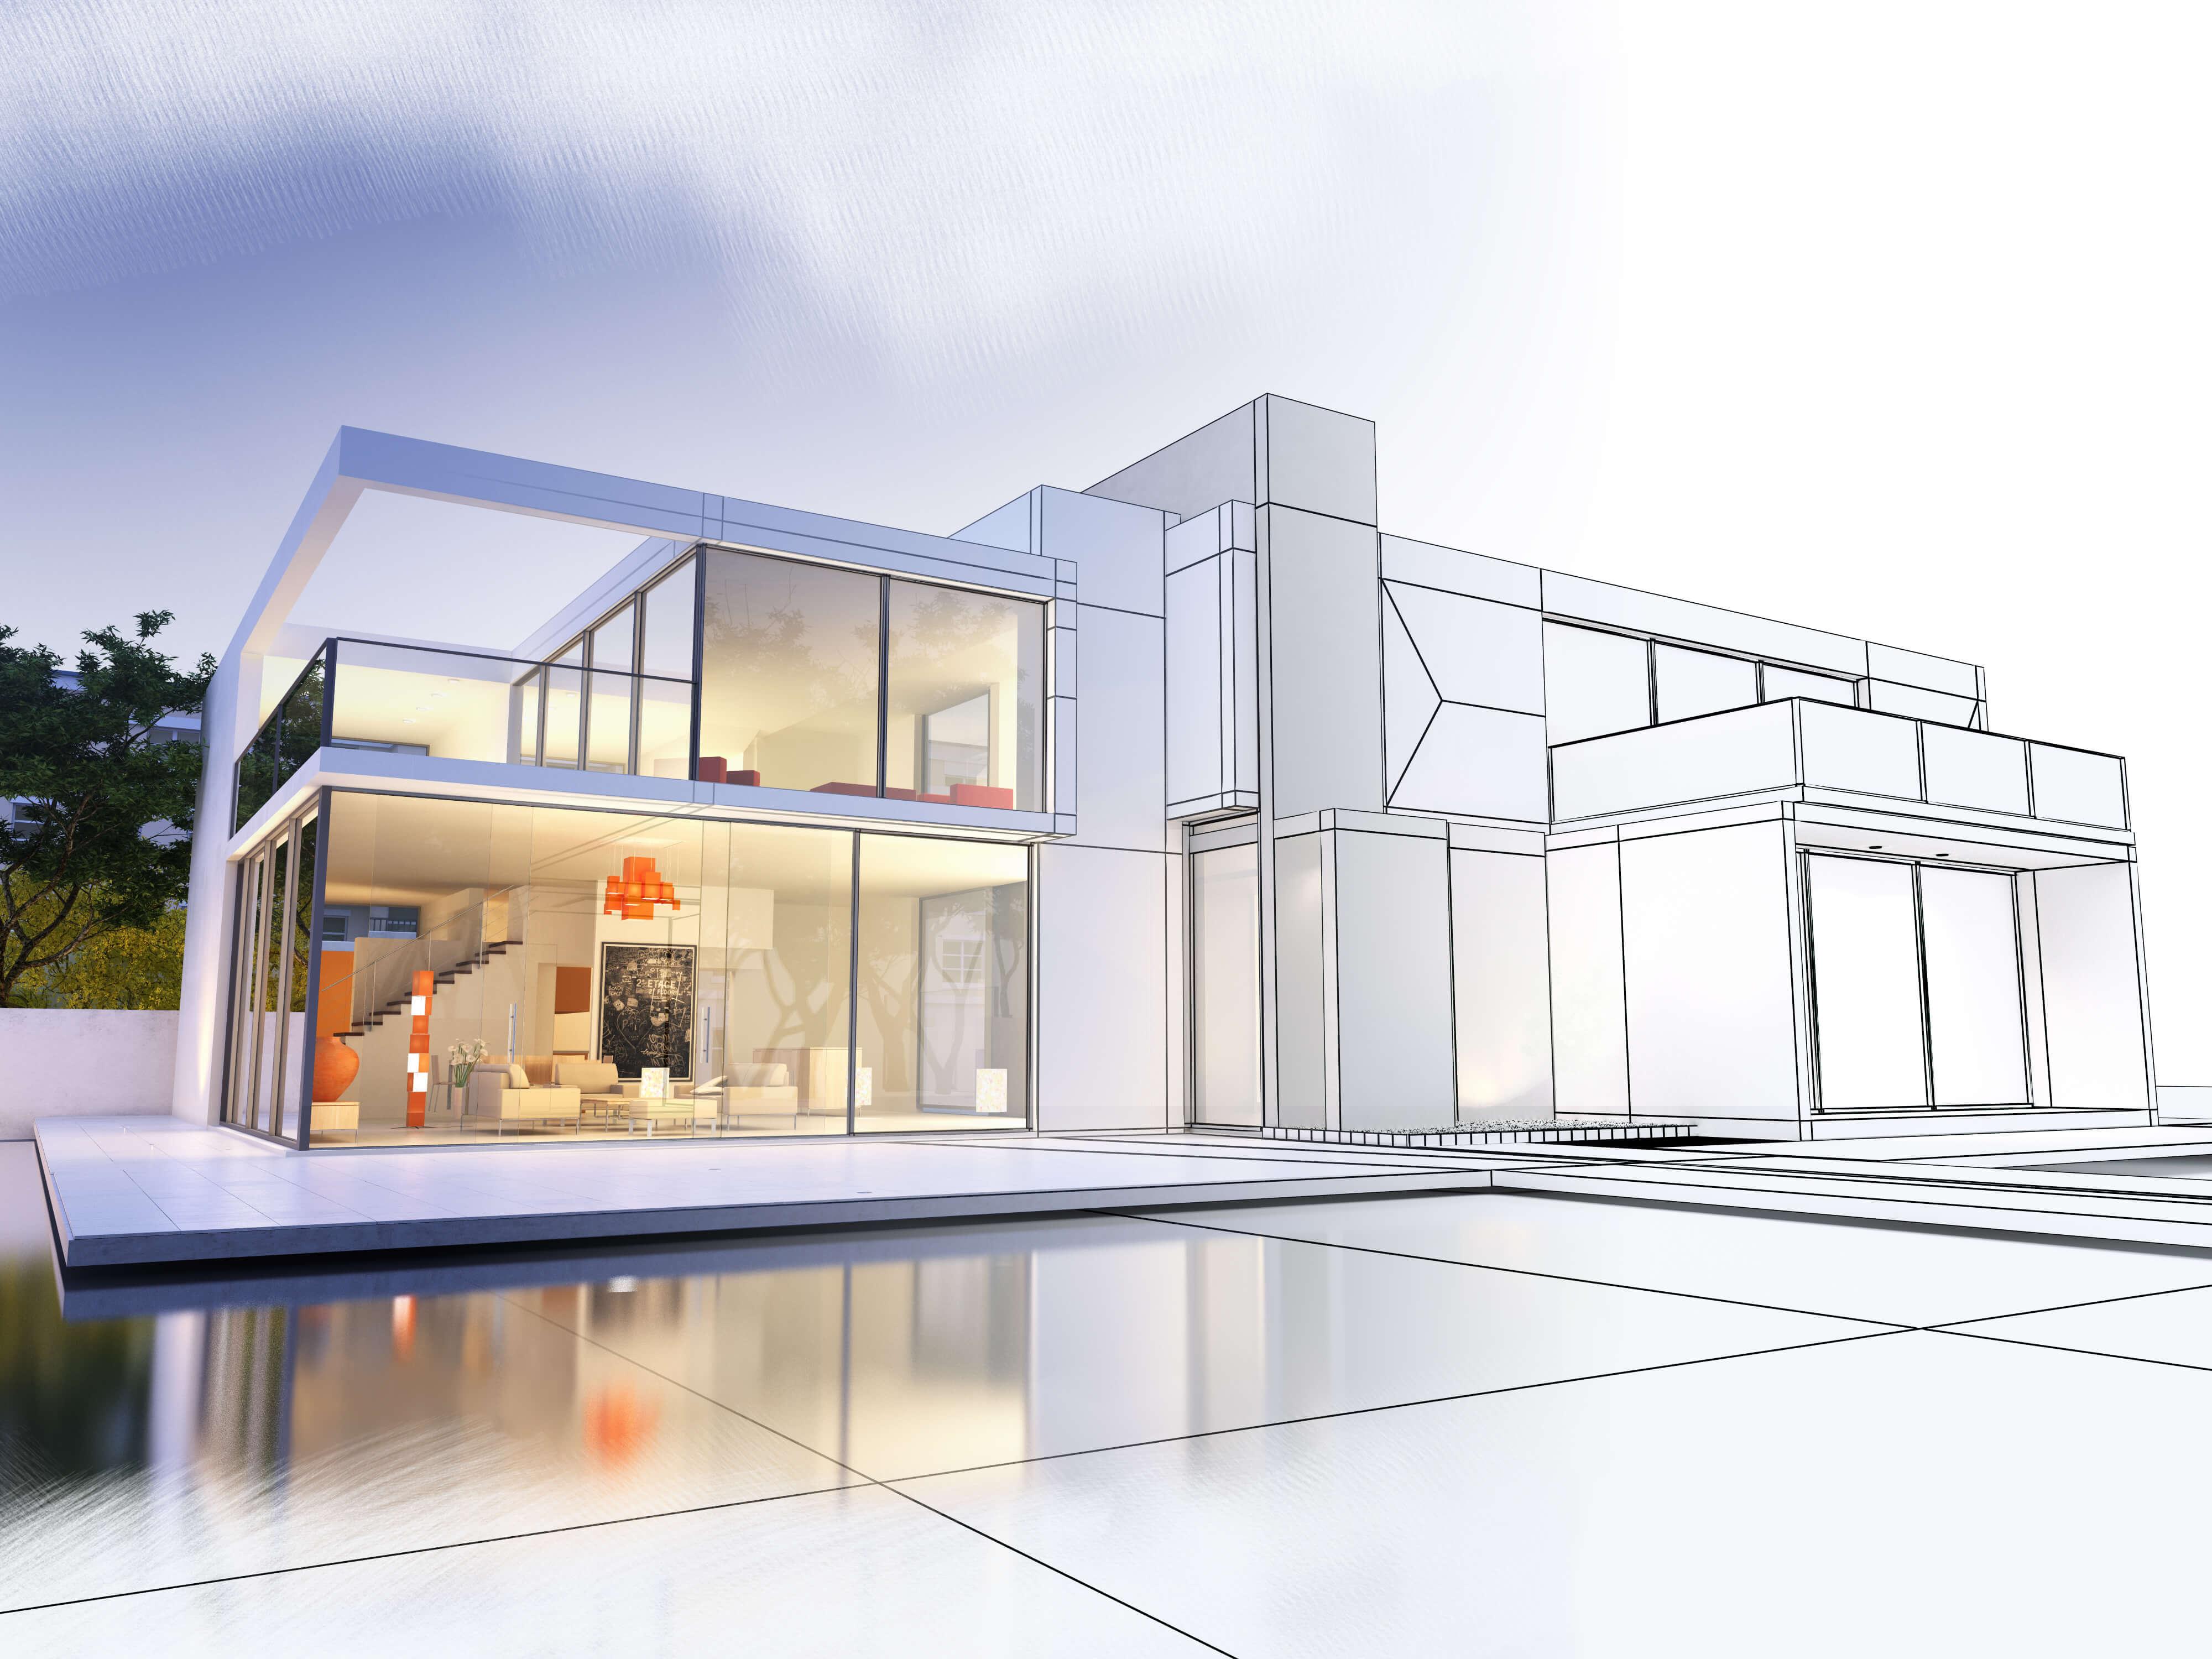 הדמיות אדריכליות לשיפור תהליך המכירה